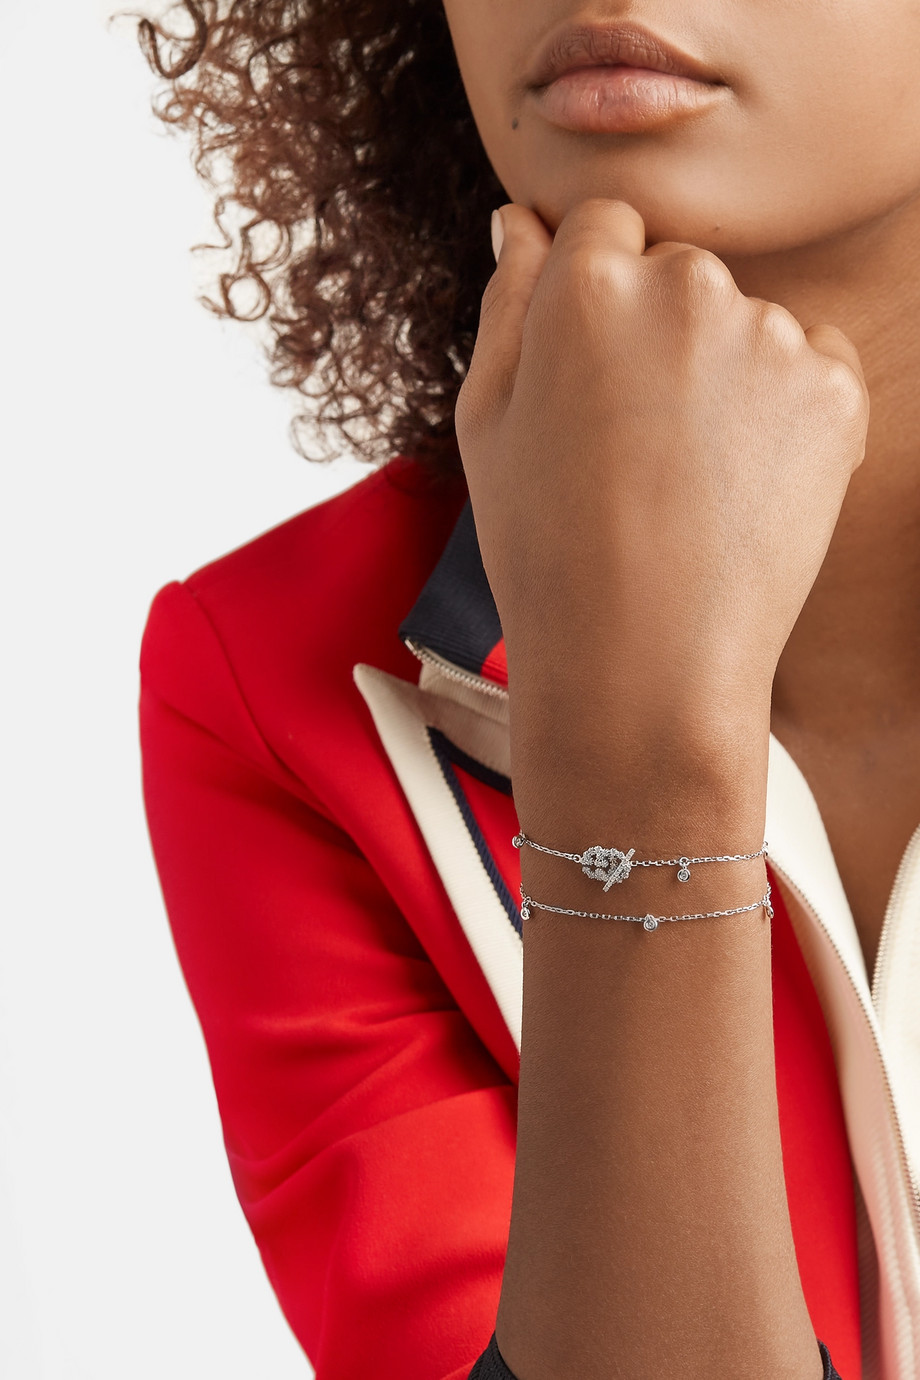 Gucci 18-karat white gold diamond bracelet